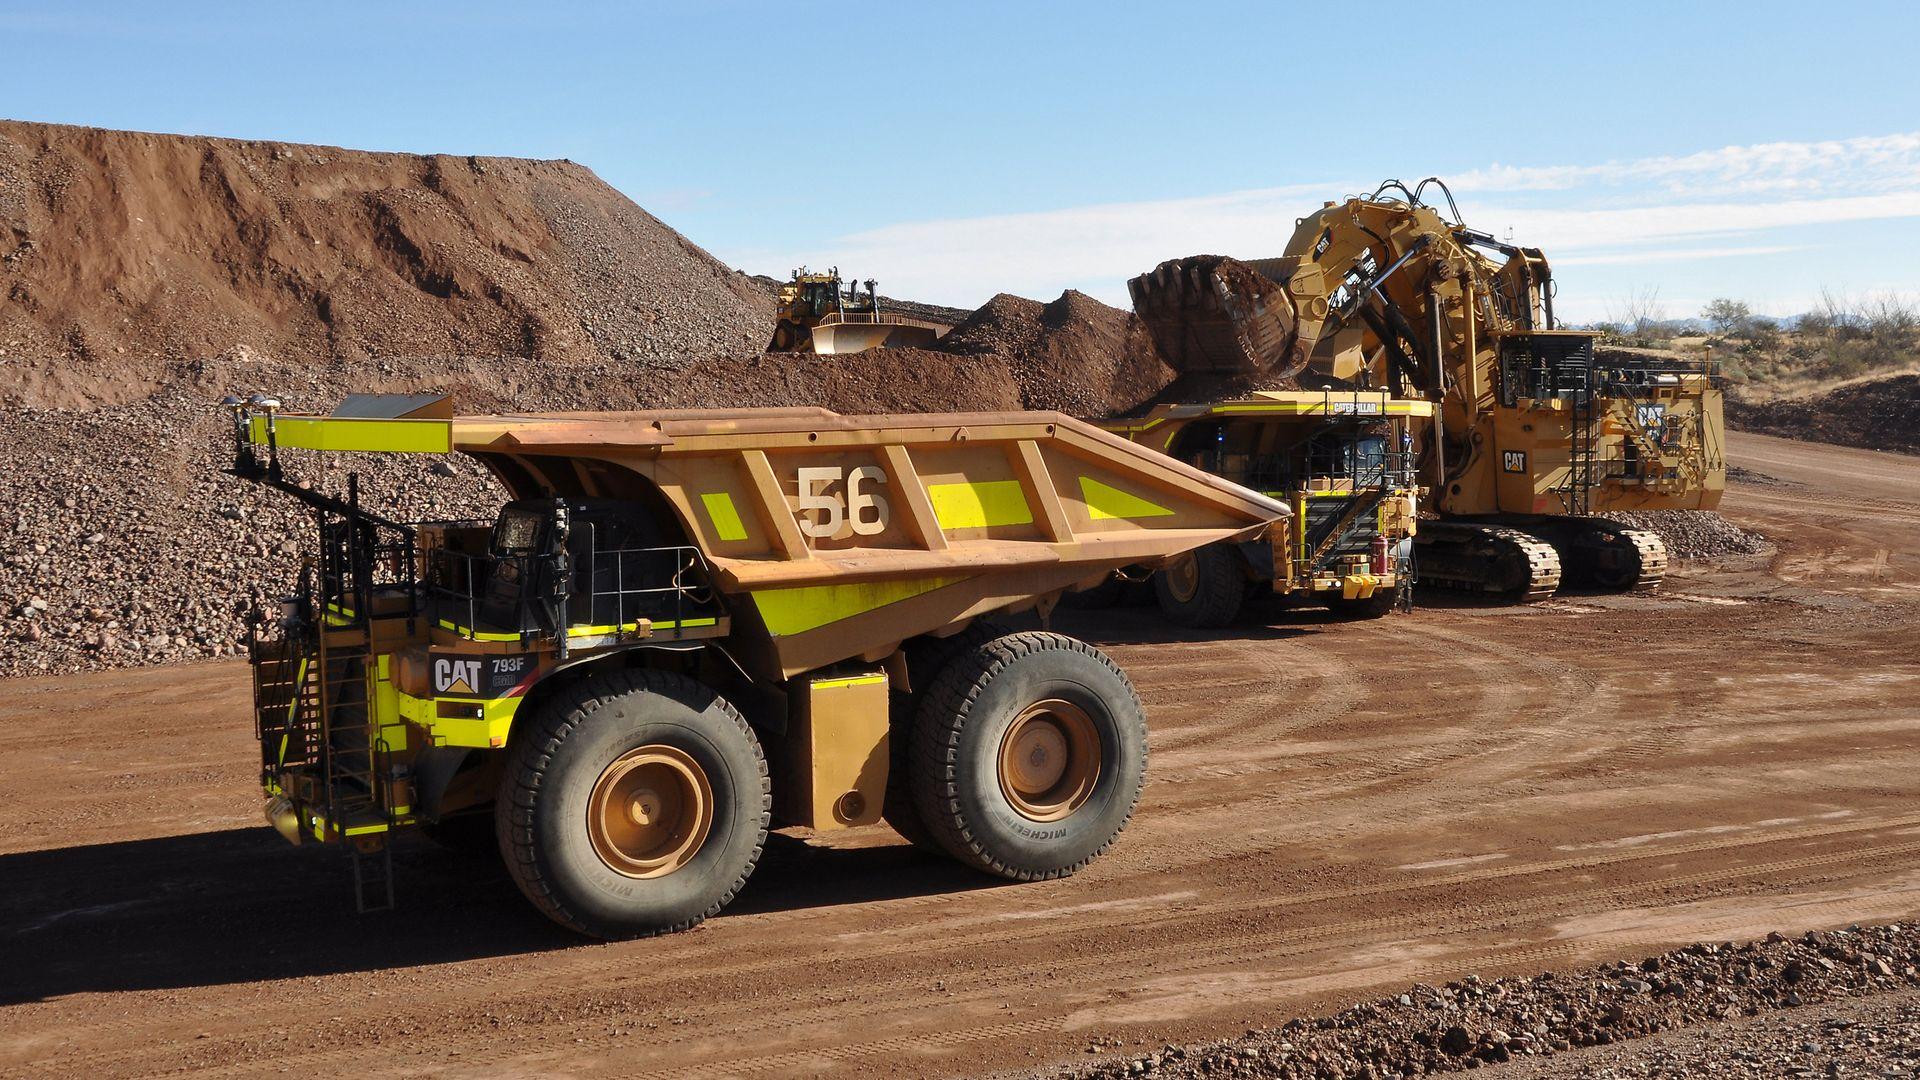 an autonomous mining truck at a sandpit